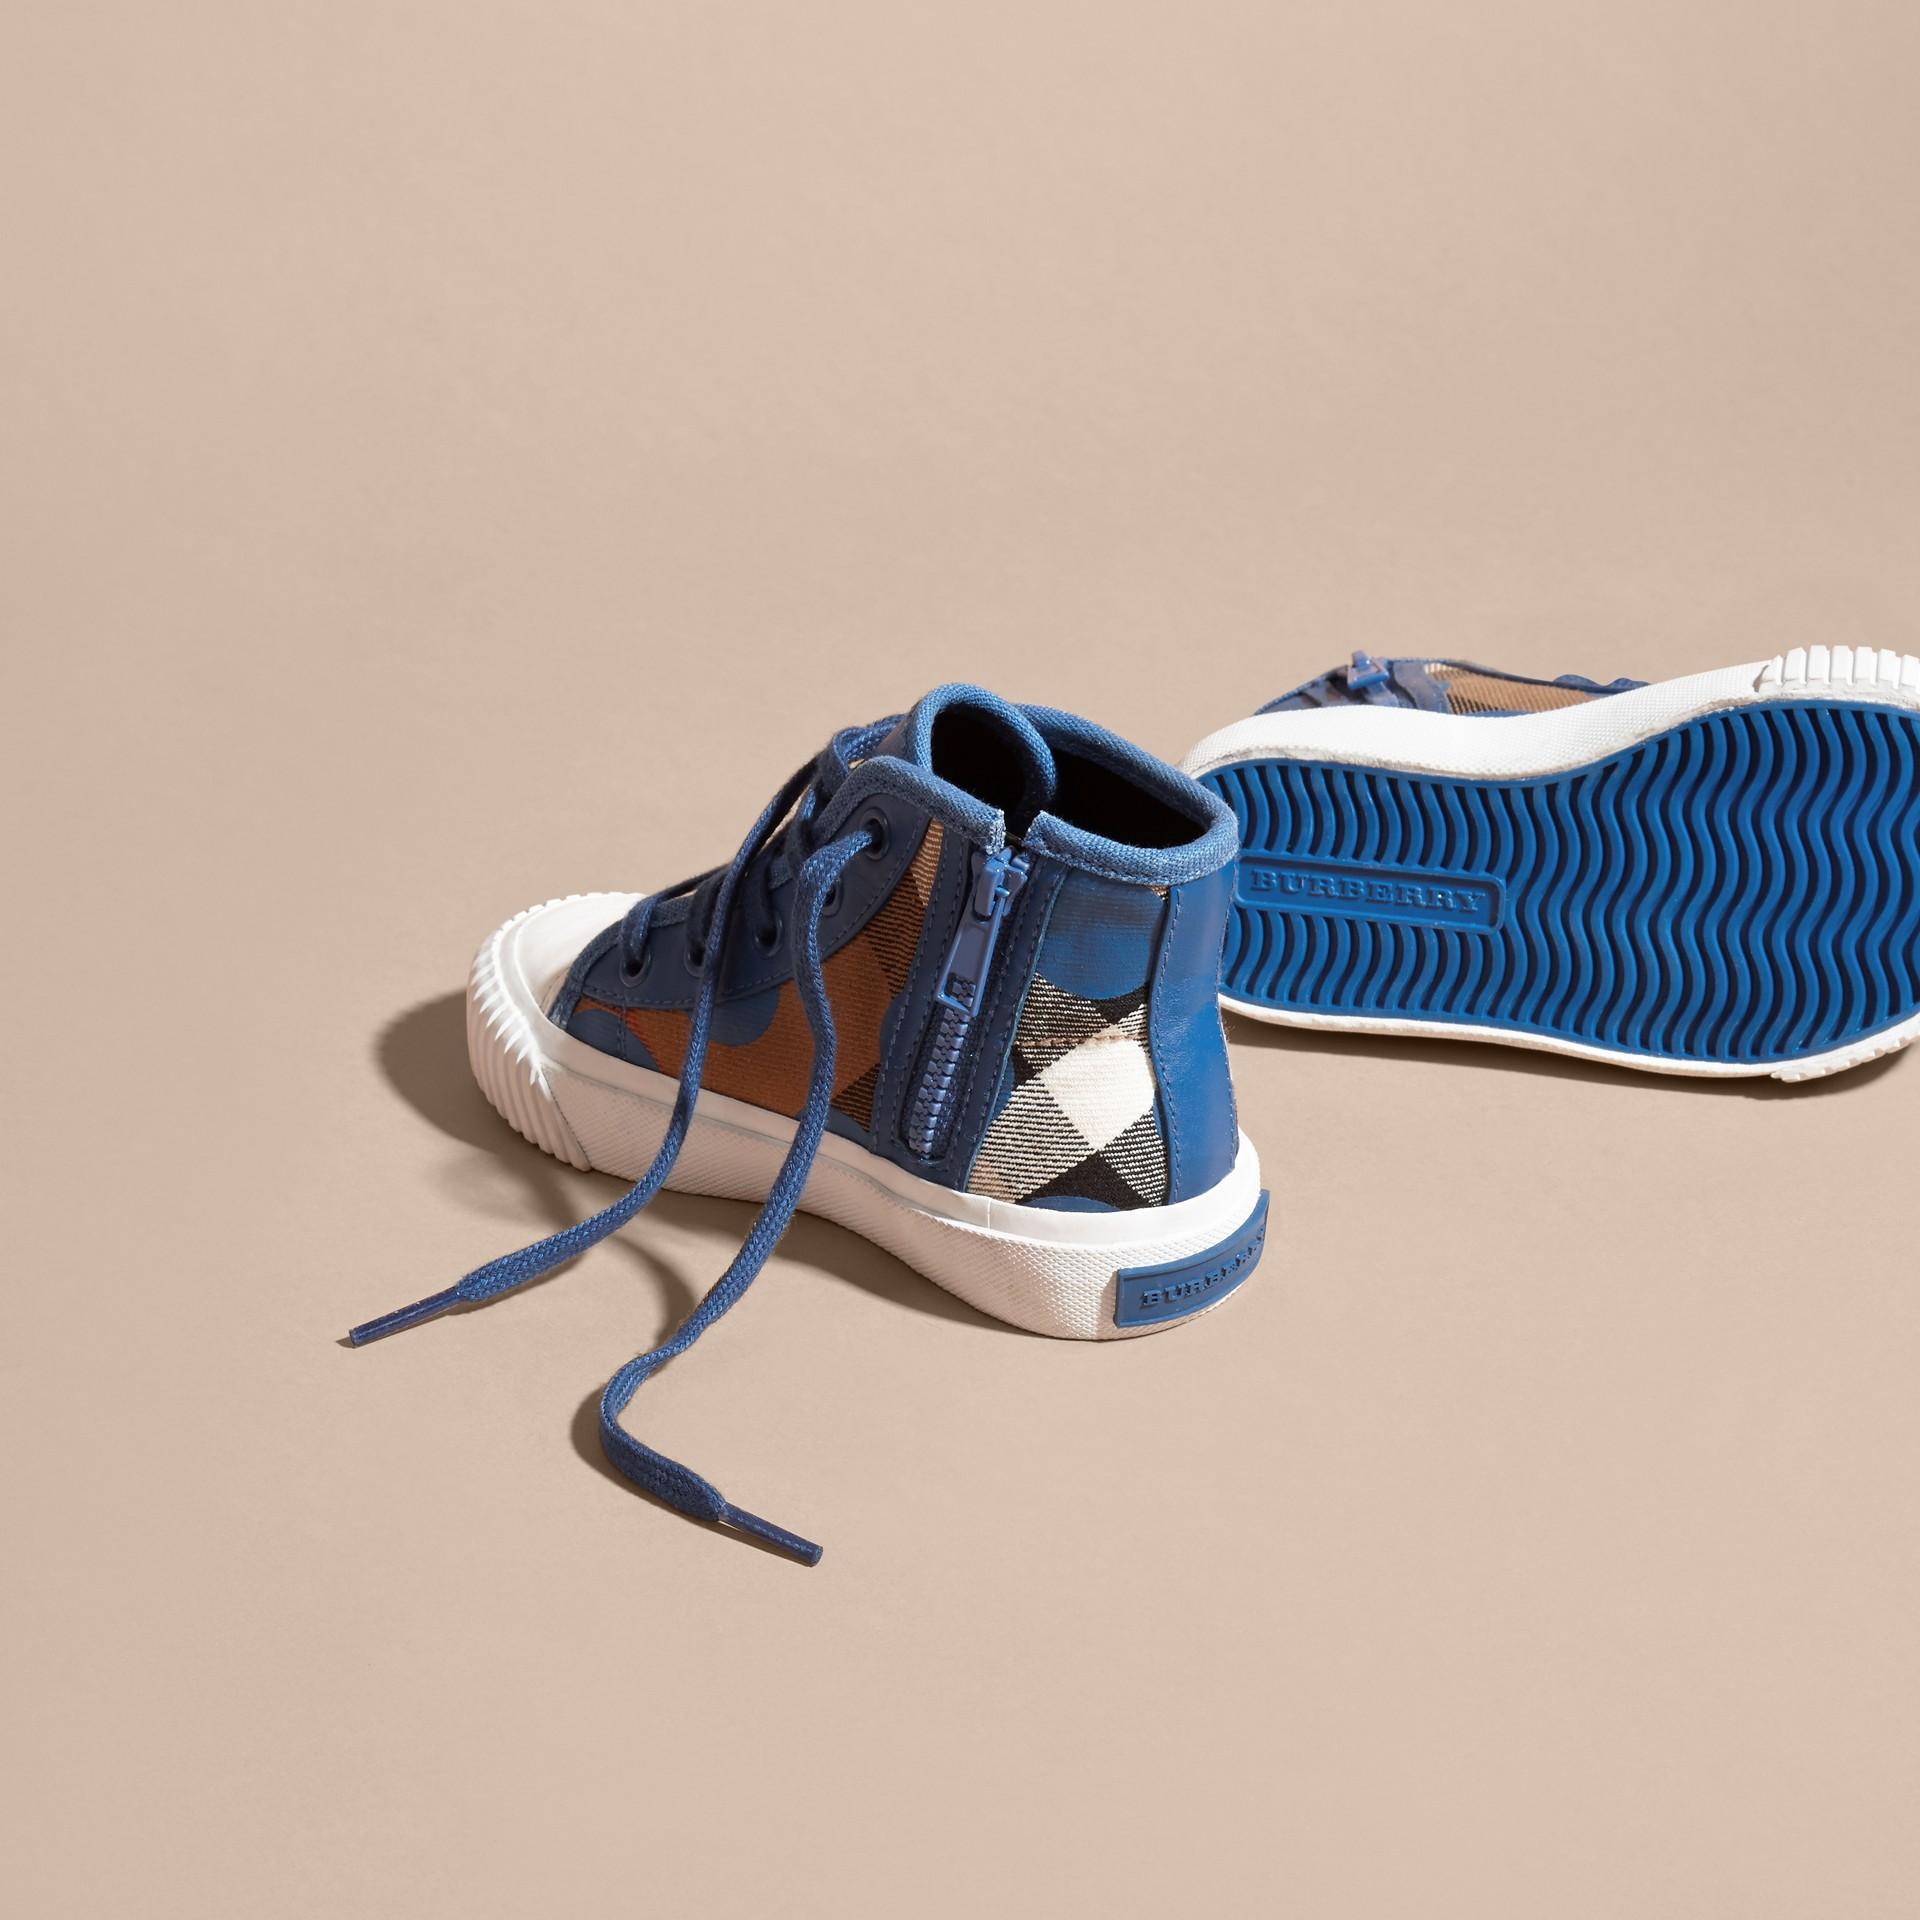 Bleu lupin Sneakers montantes à motif check et imprimé à cœurs, avec détails en cuir Bleu Lupin - photo de la galerie 4